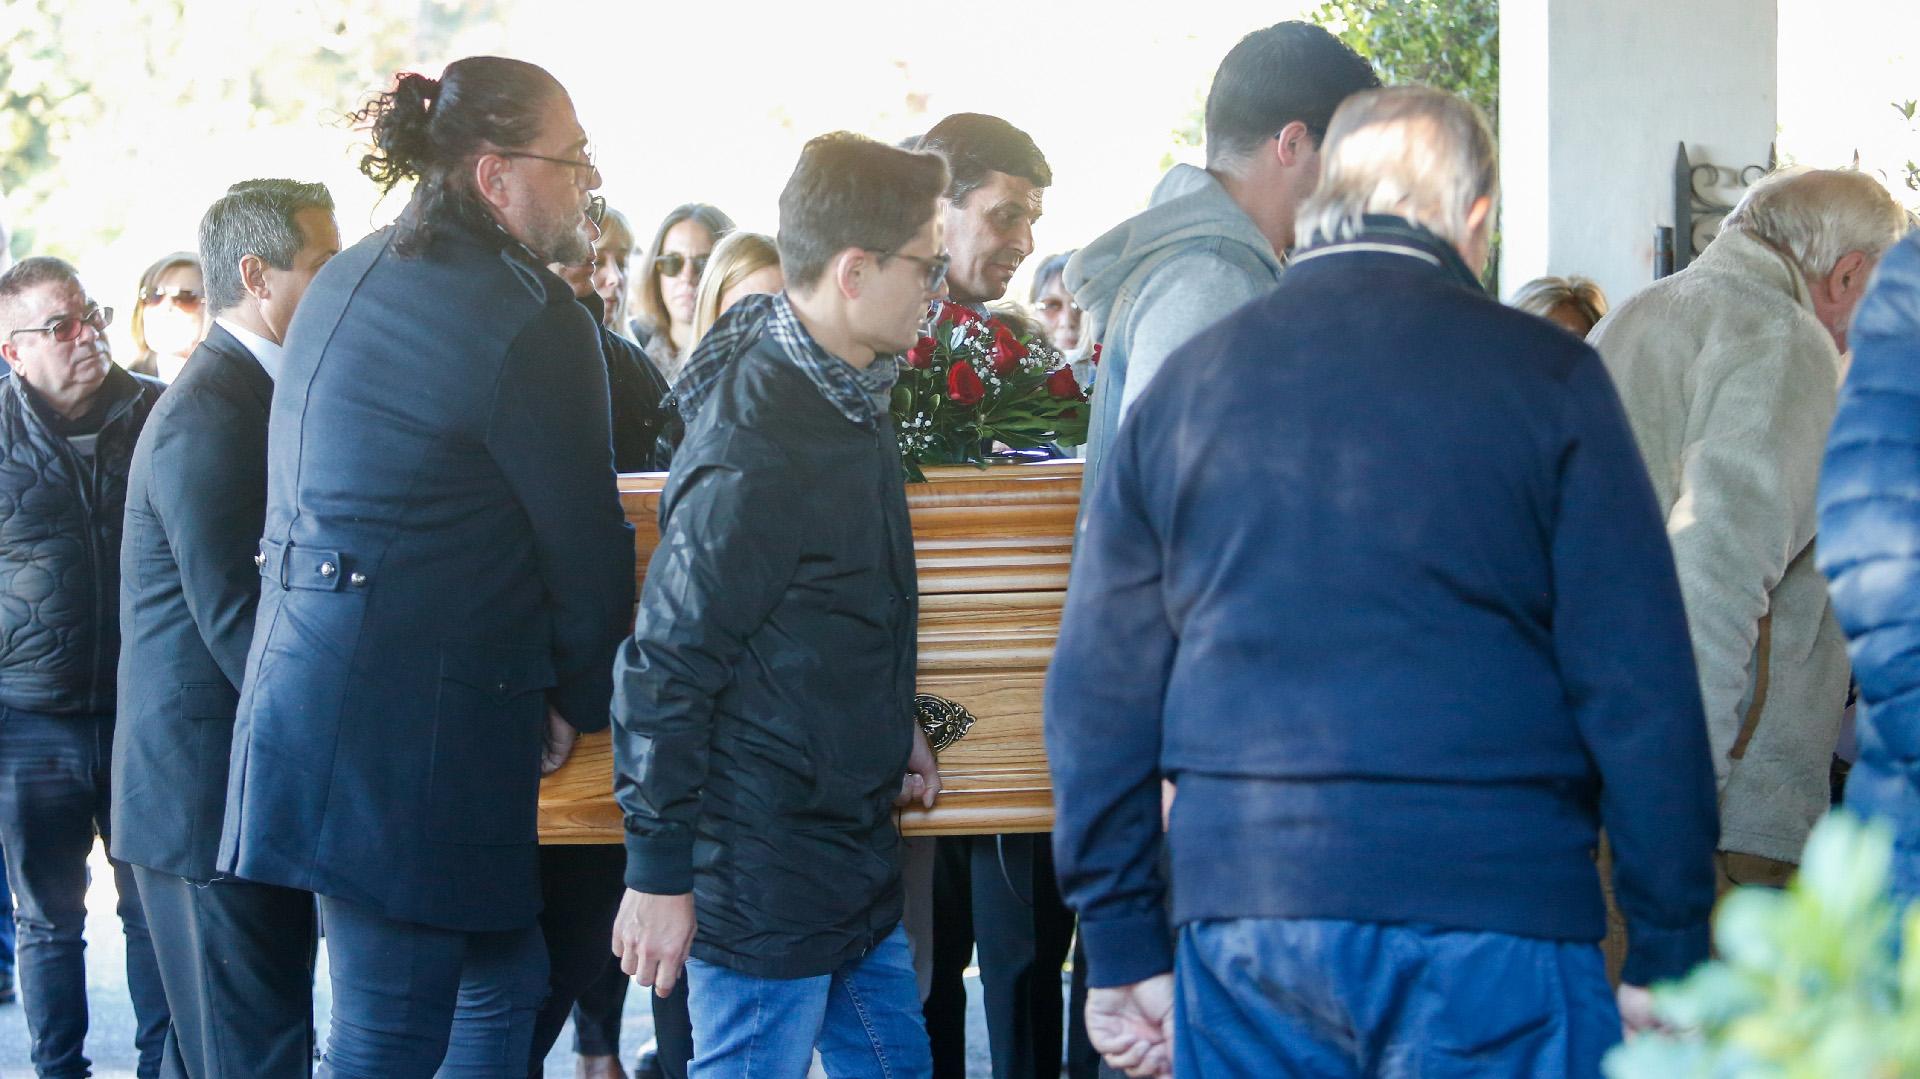 El peluquero Fabio Cuggini y el periodista Lío Pecoraro despidieron los restos de Lucho Avilés en el Parque Memorial de Pilar (Nicolás Aboaf)